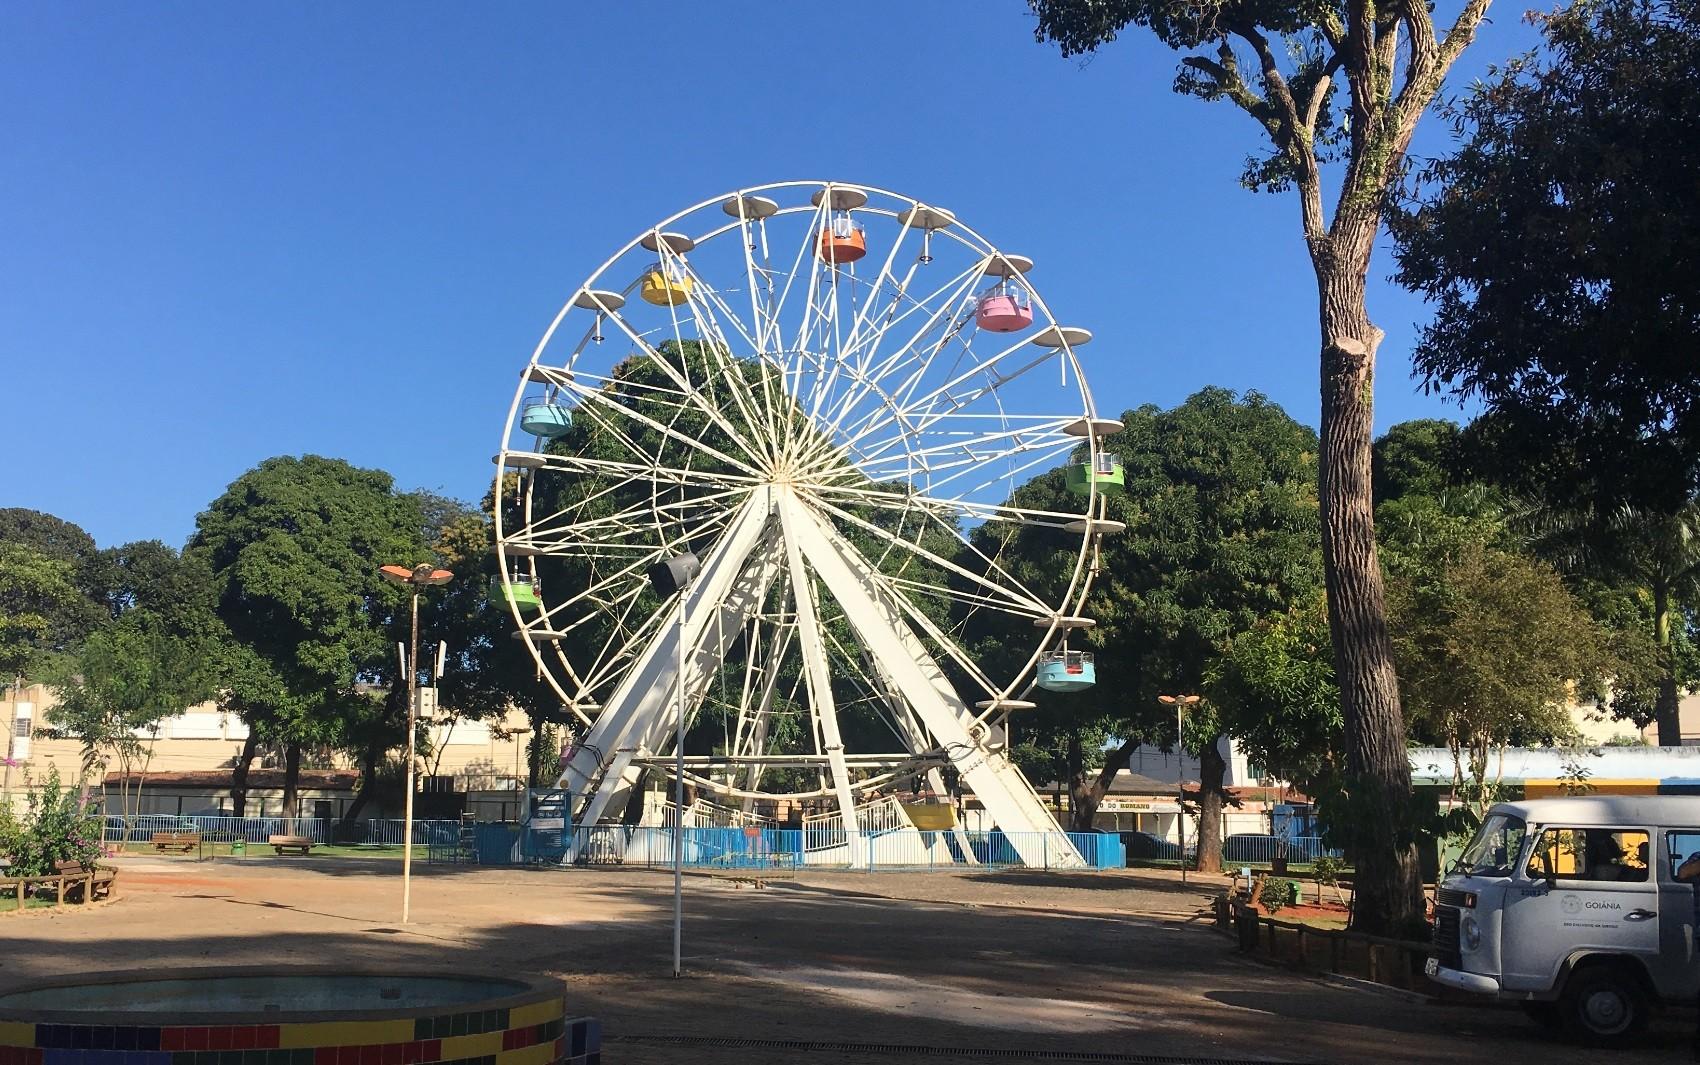 Decreto de Goiânia libera festas e reabre o Mutirama, mas com restrições